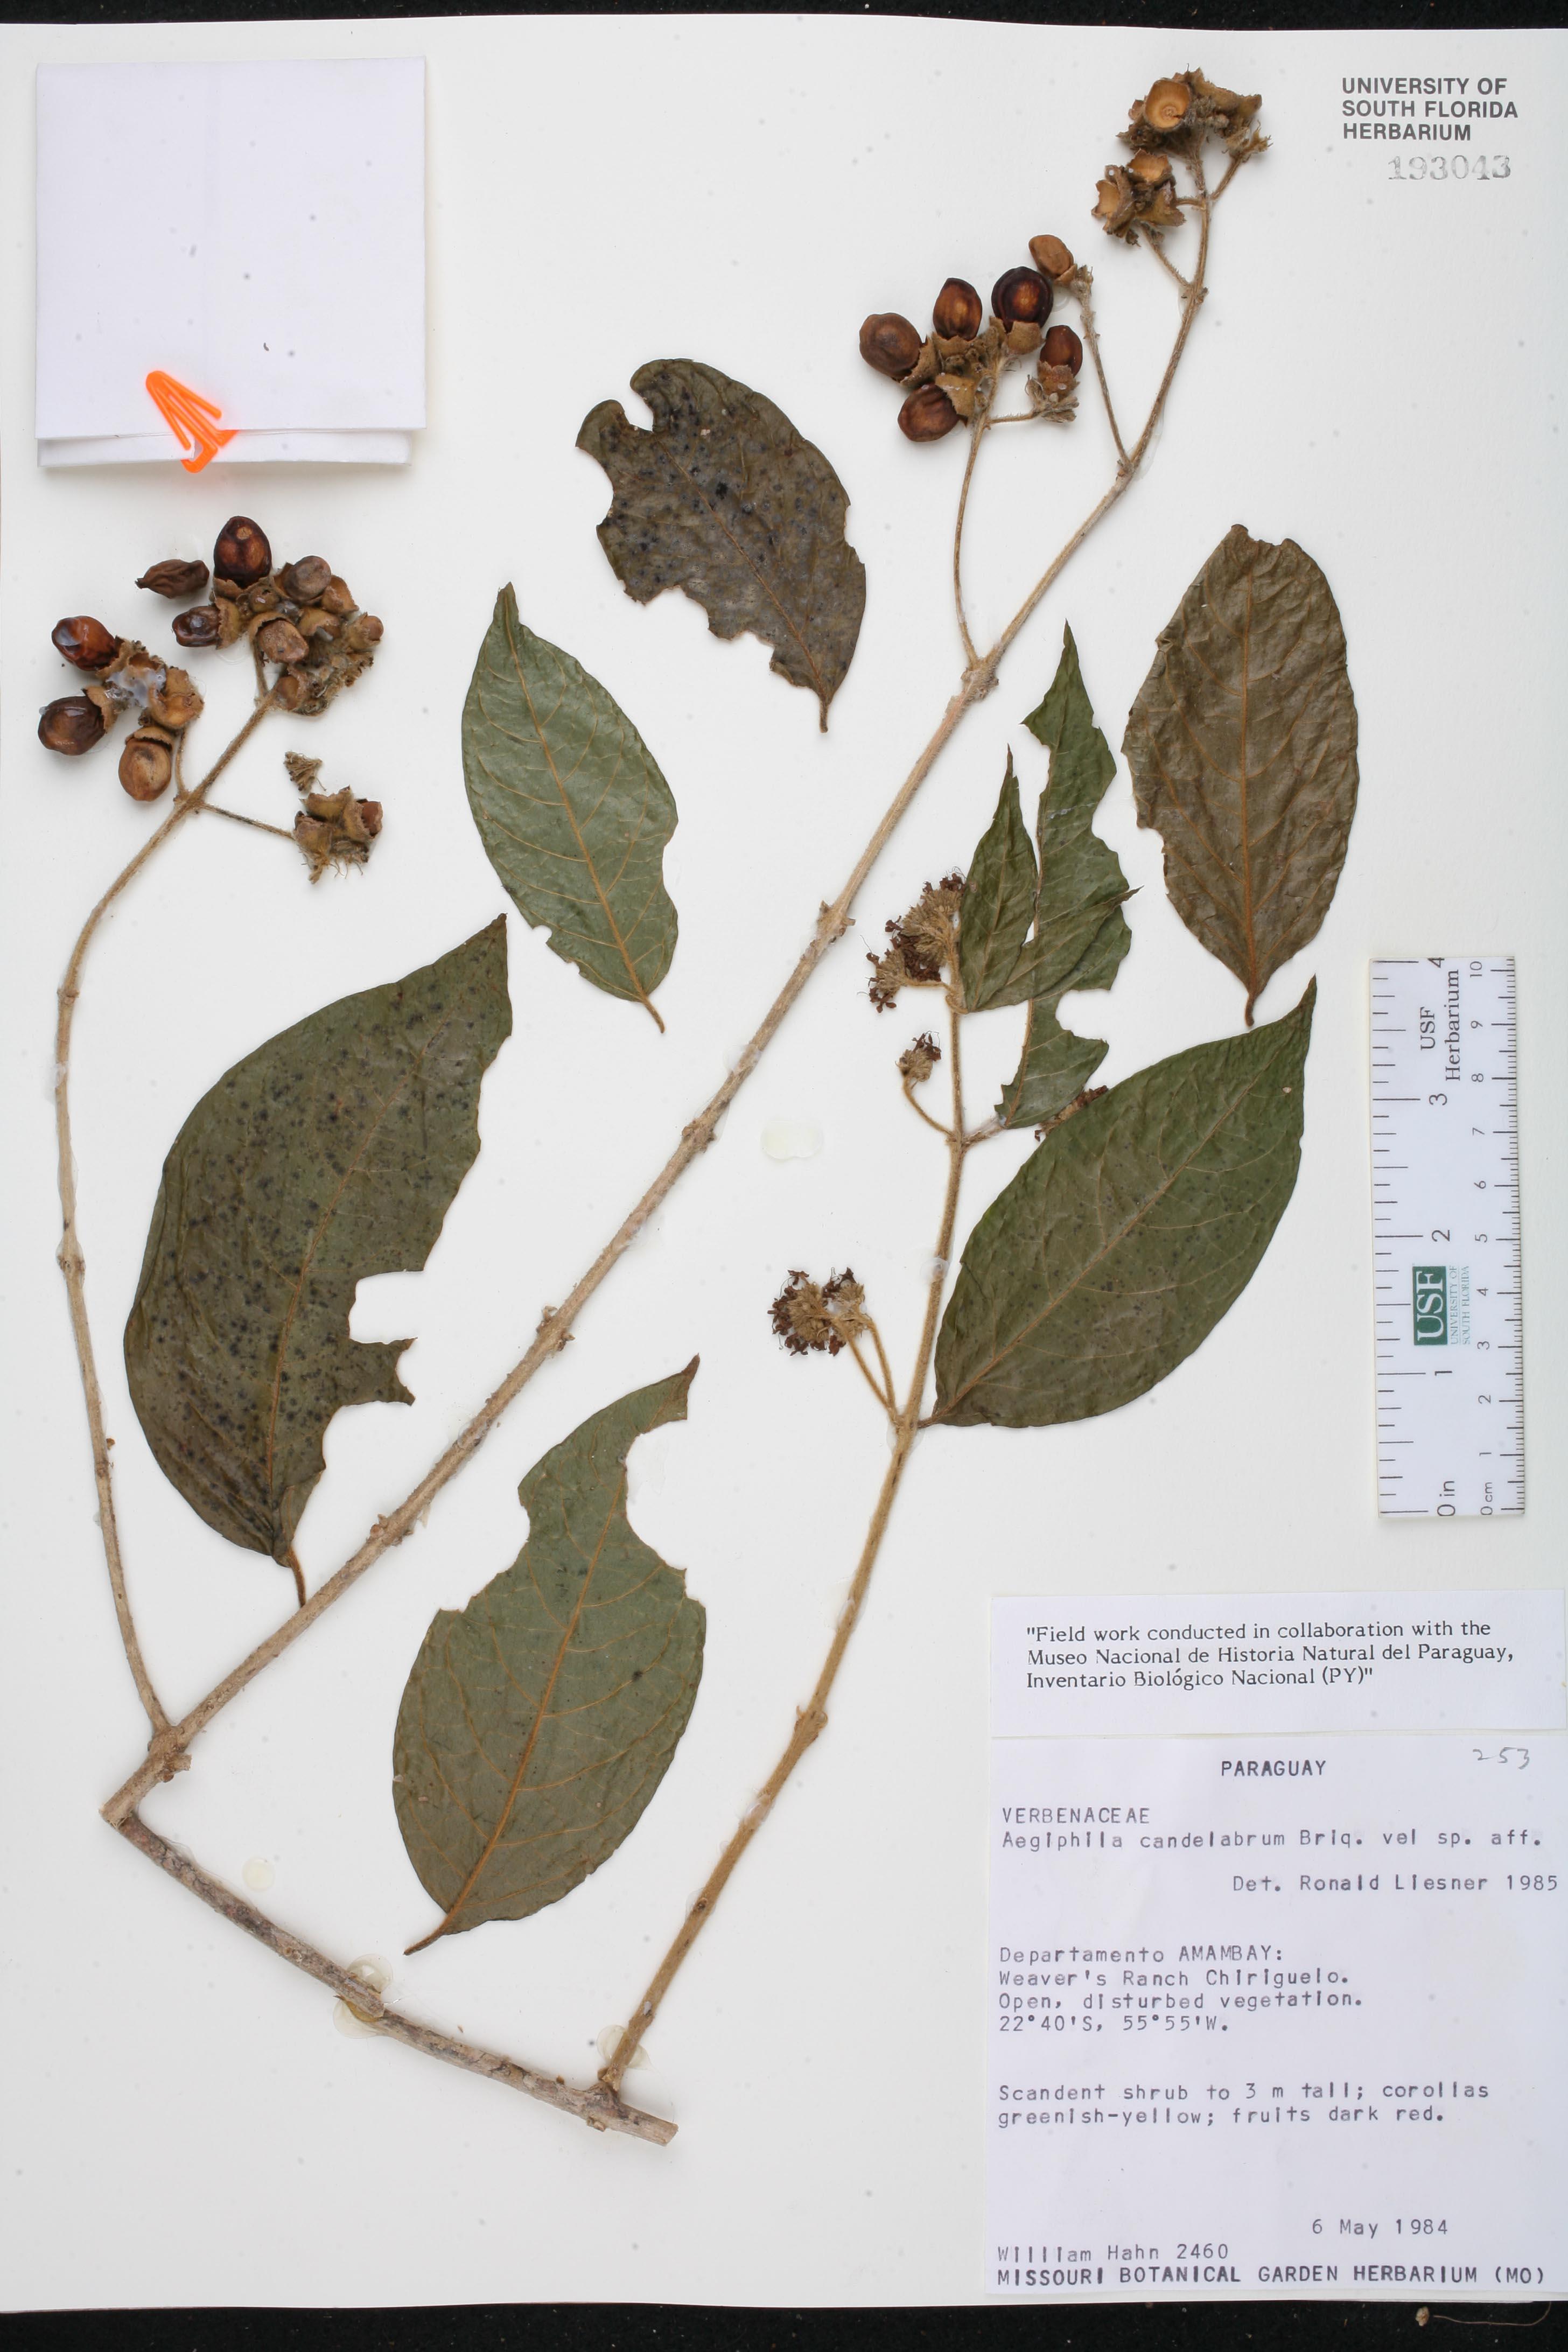 Aegiphila candelabrum image